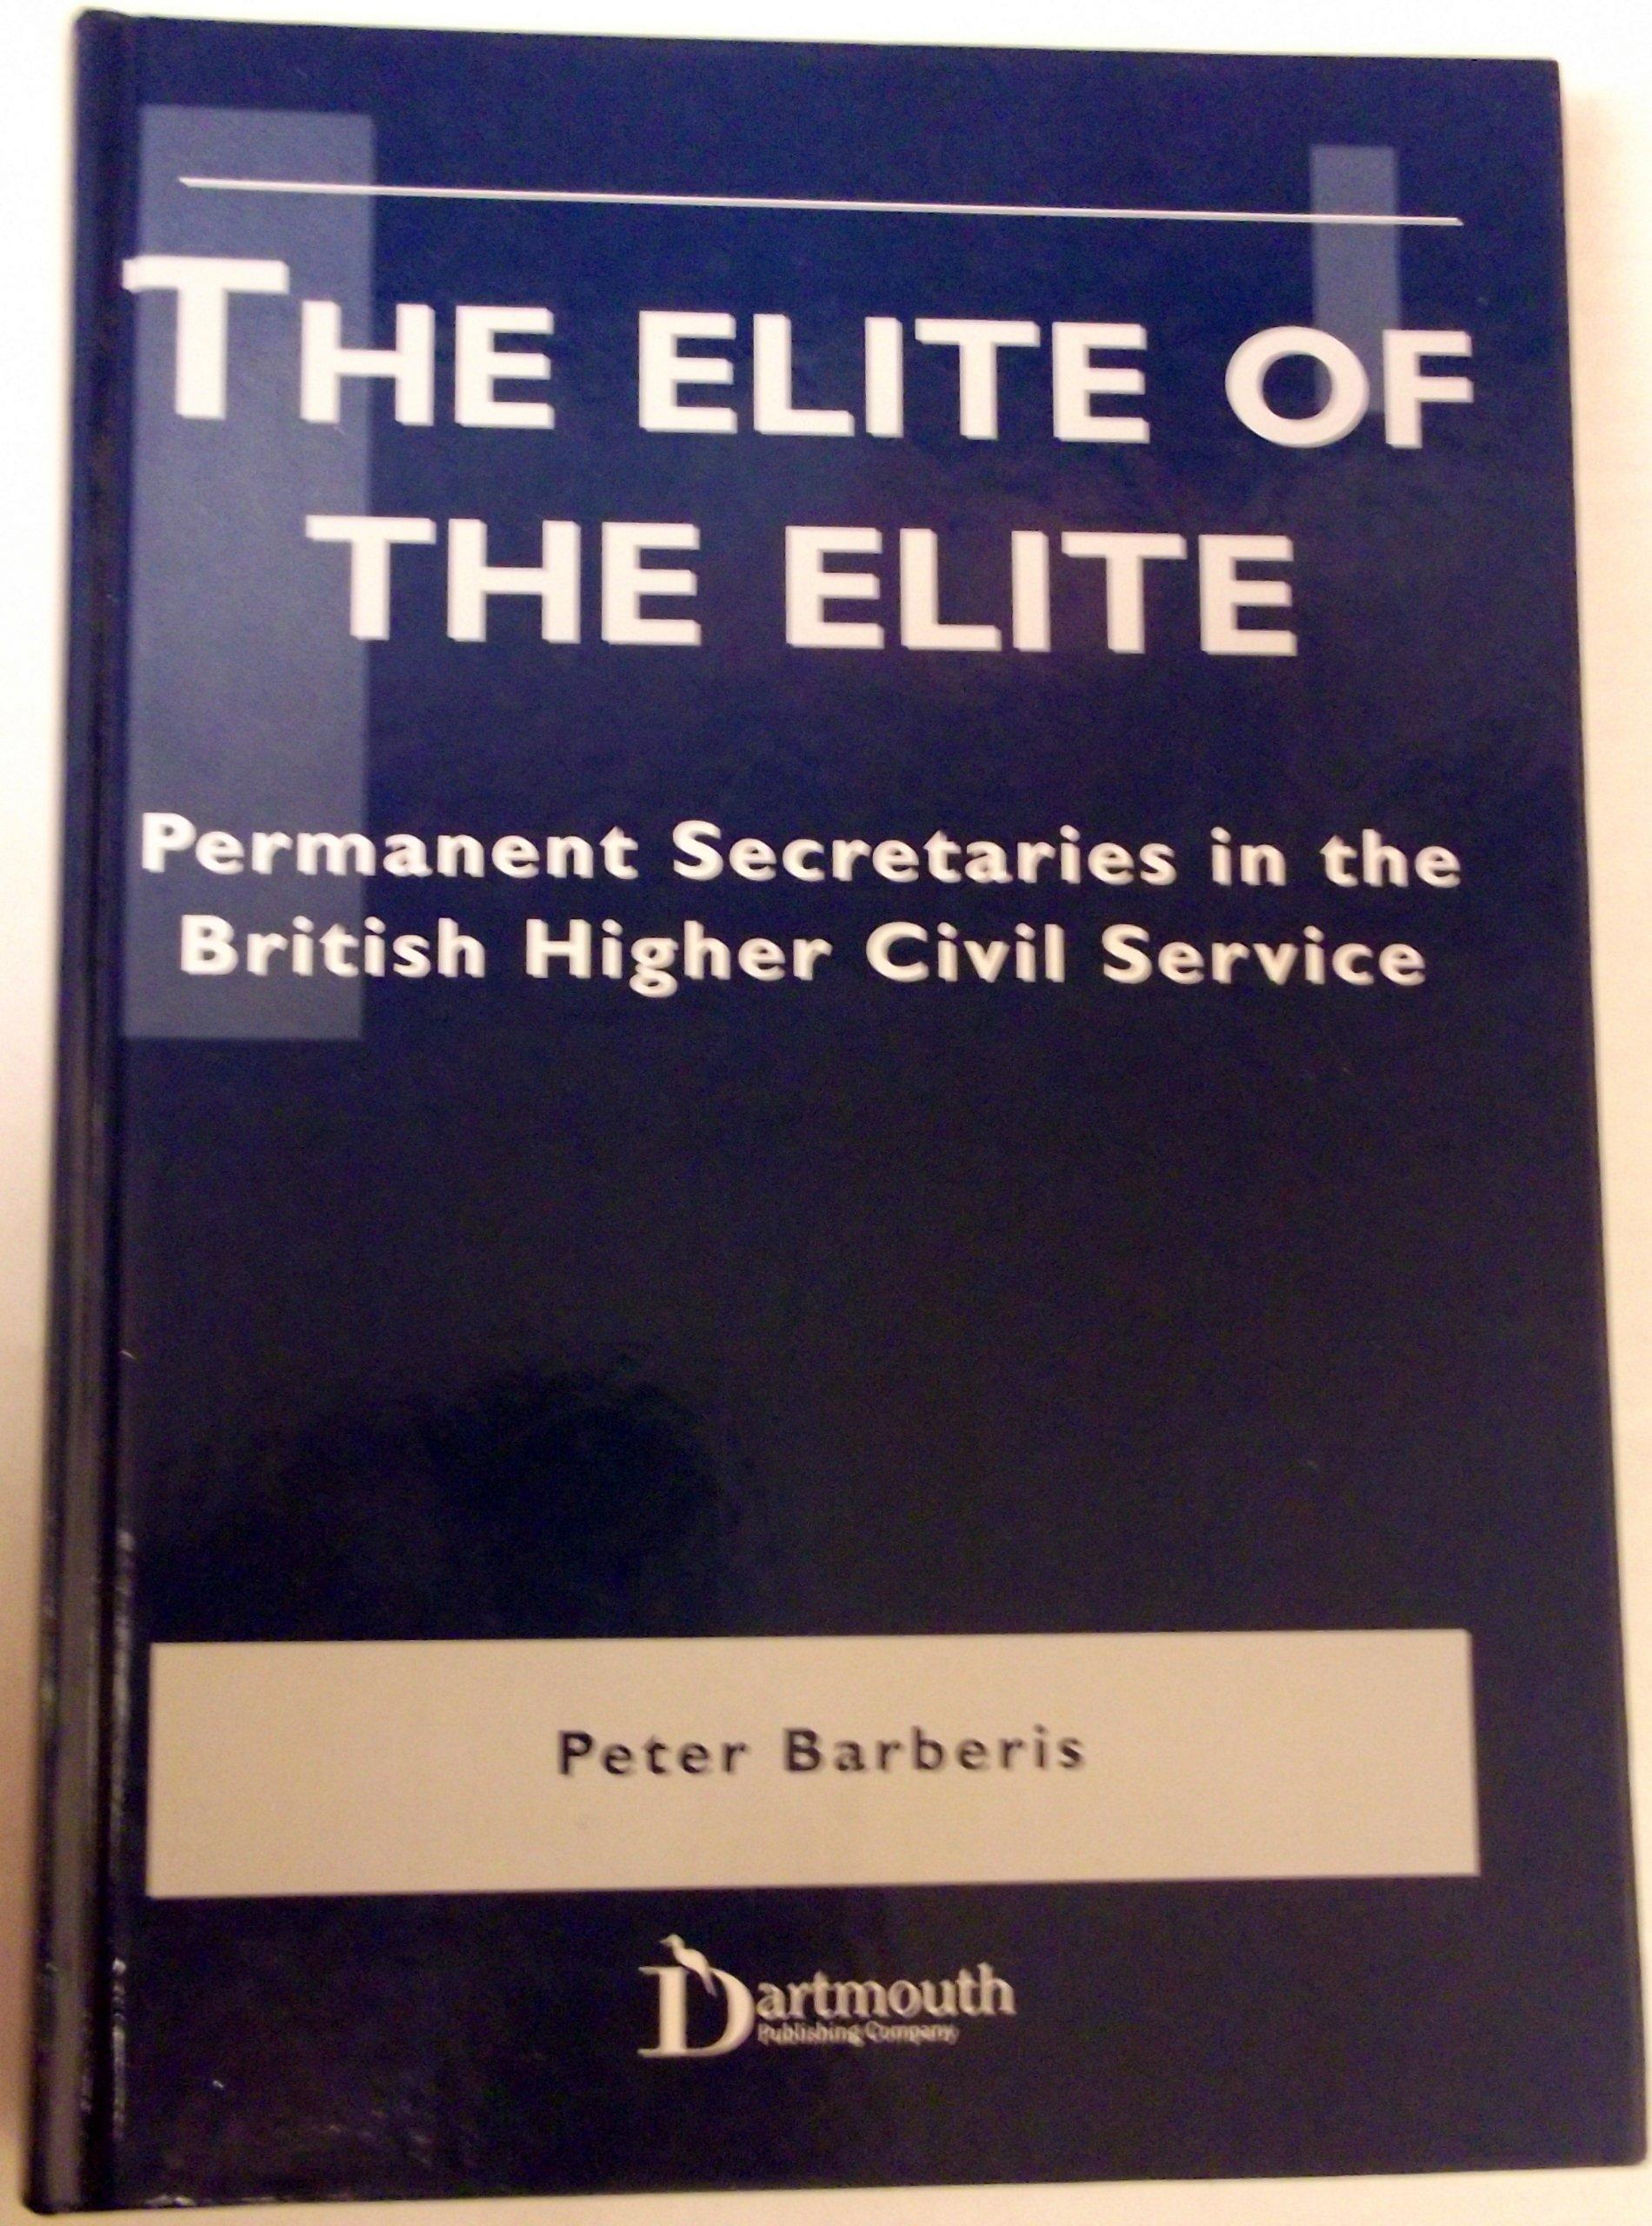 The Elite of the Elite: Permanent Secretaries in the British